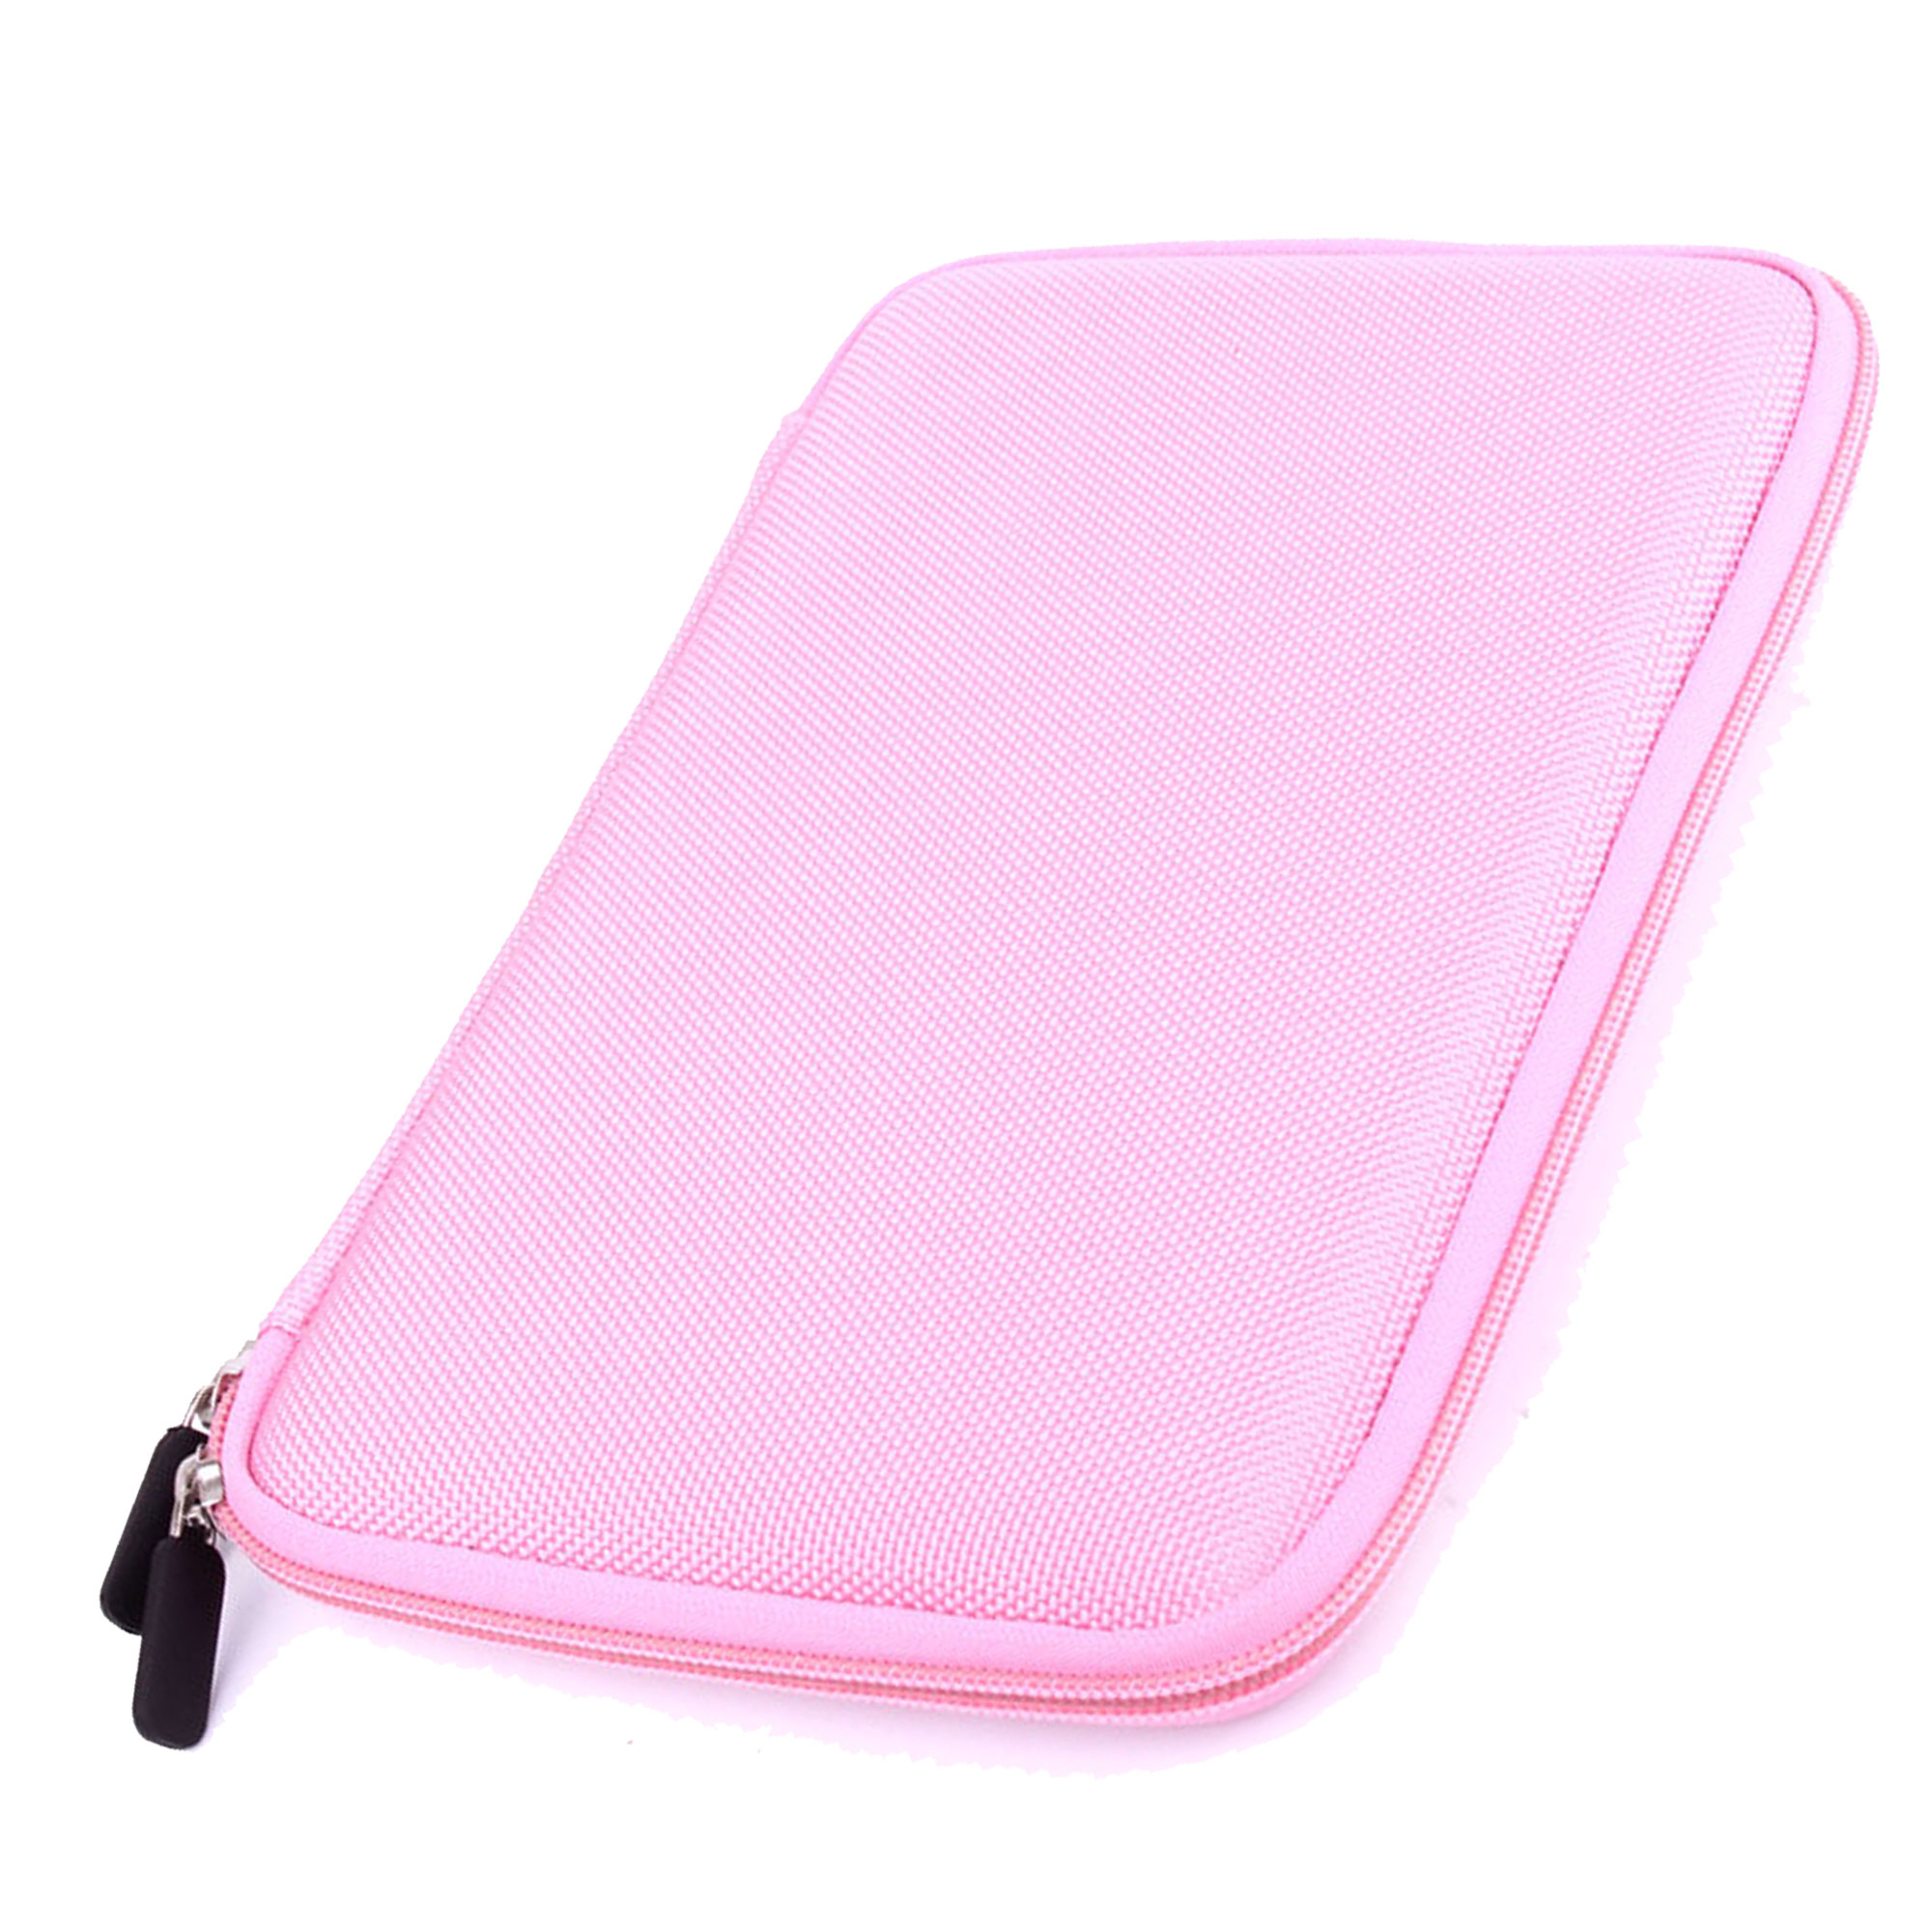 Housse tui rose rigide compatible avec tablette mpman for Housse tablette 8 pouces